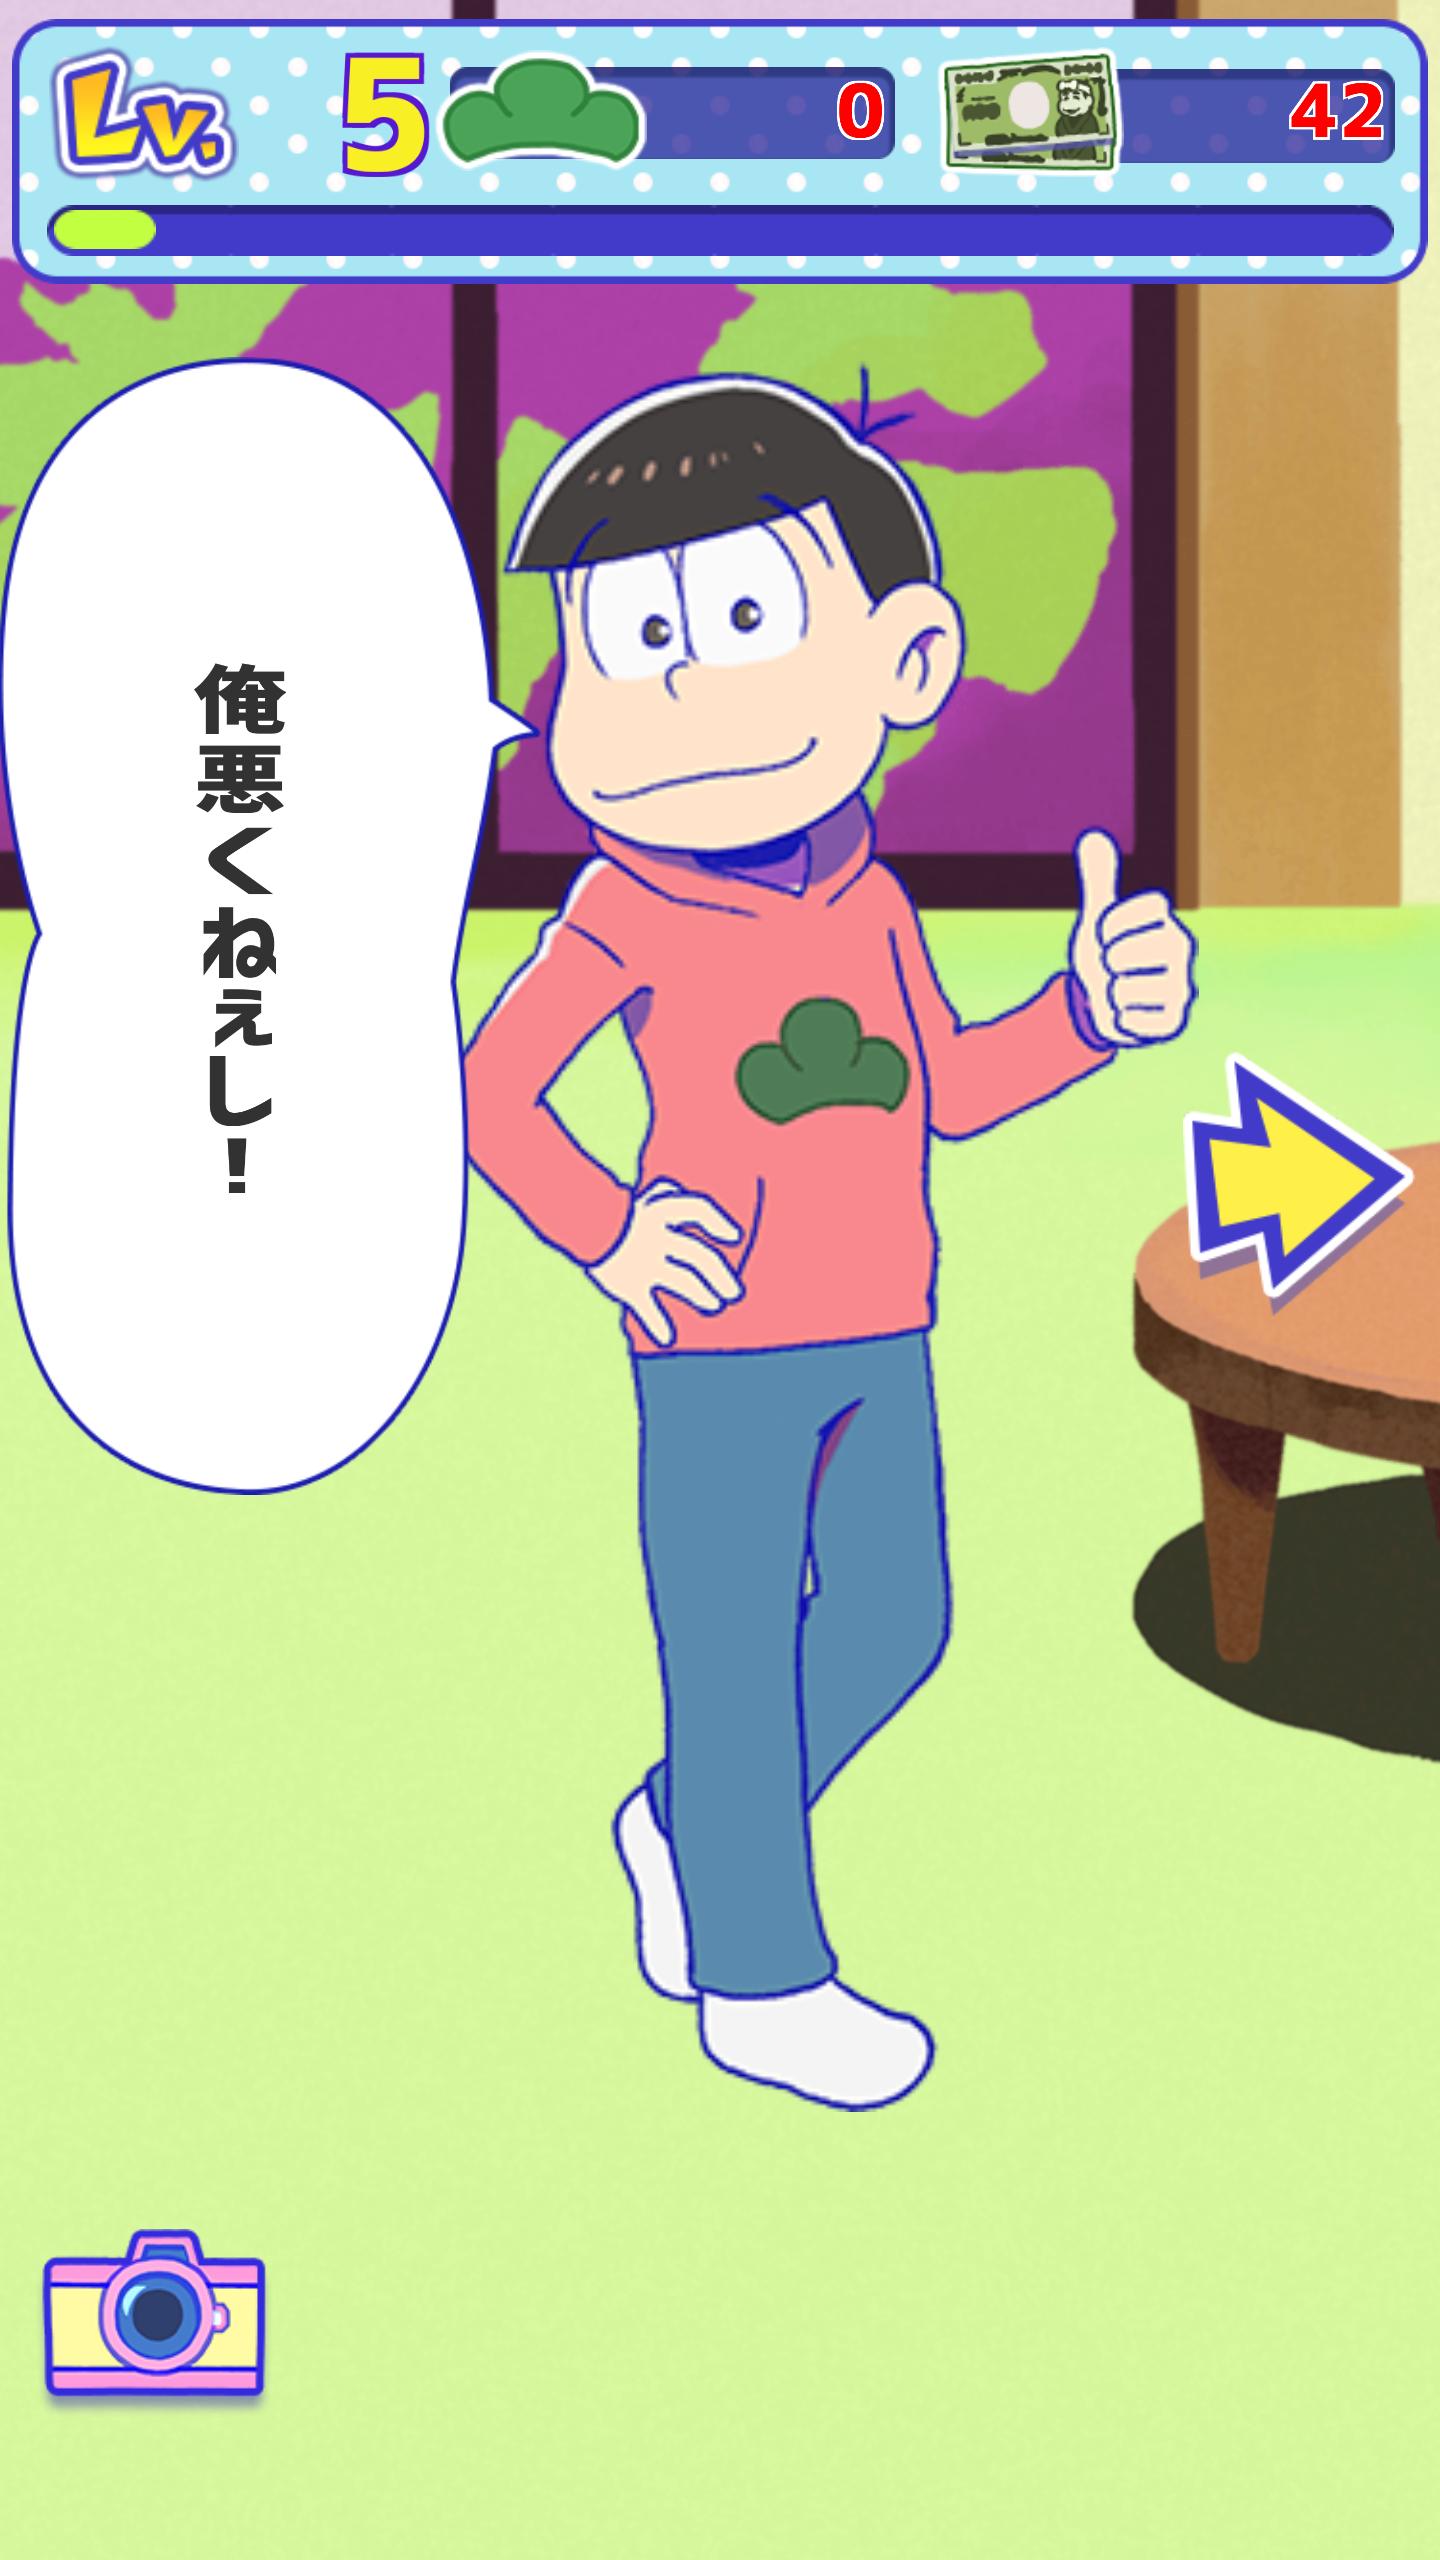 androidアプリ 松野家扶養家族選抜会場【おそ松さん養うアプリ】攻略スクリーンショット5